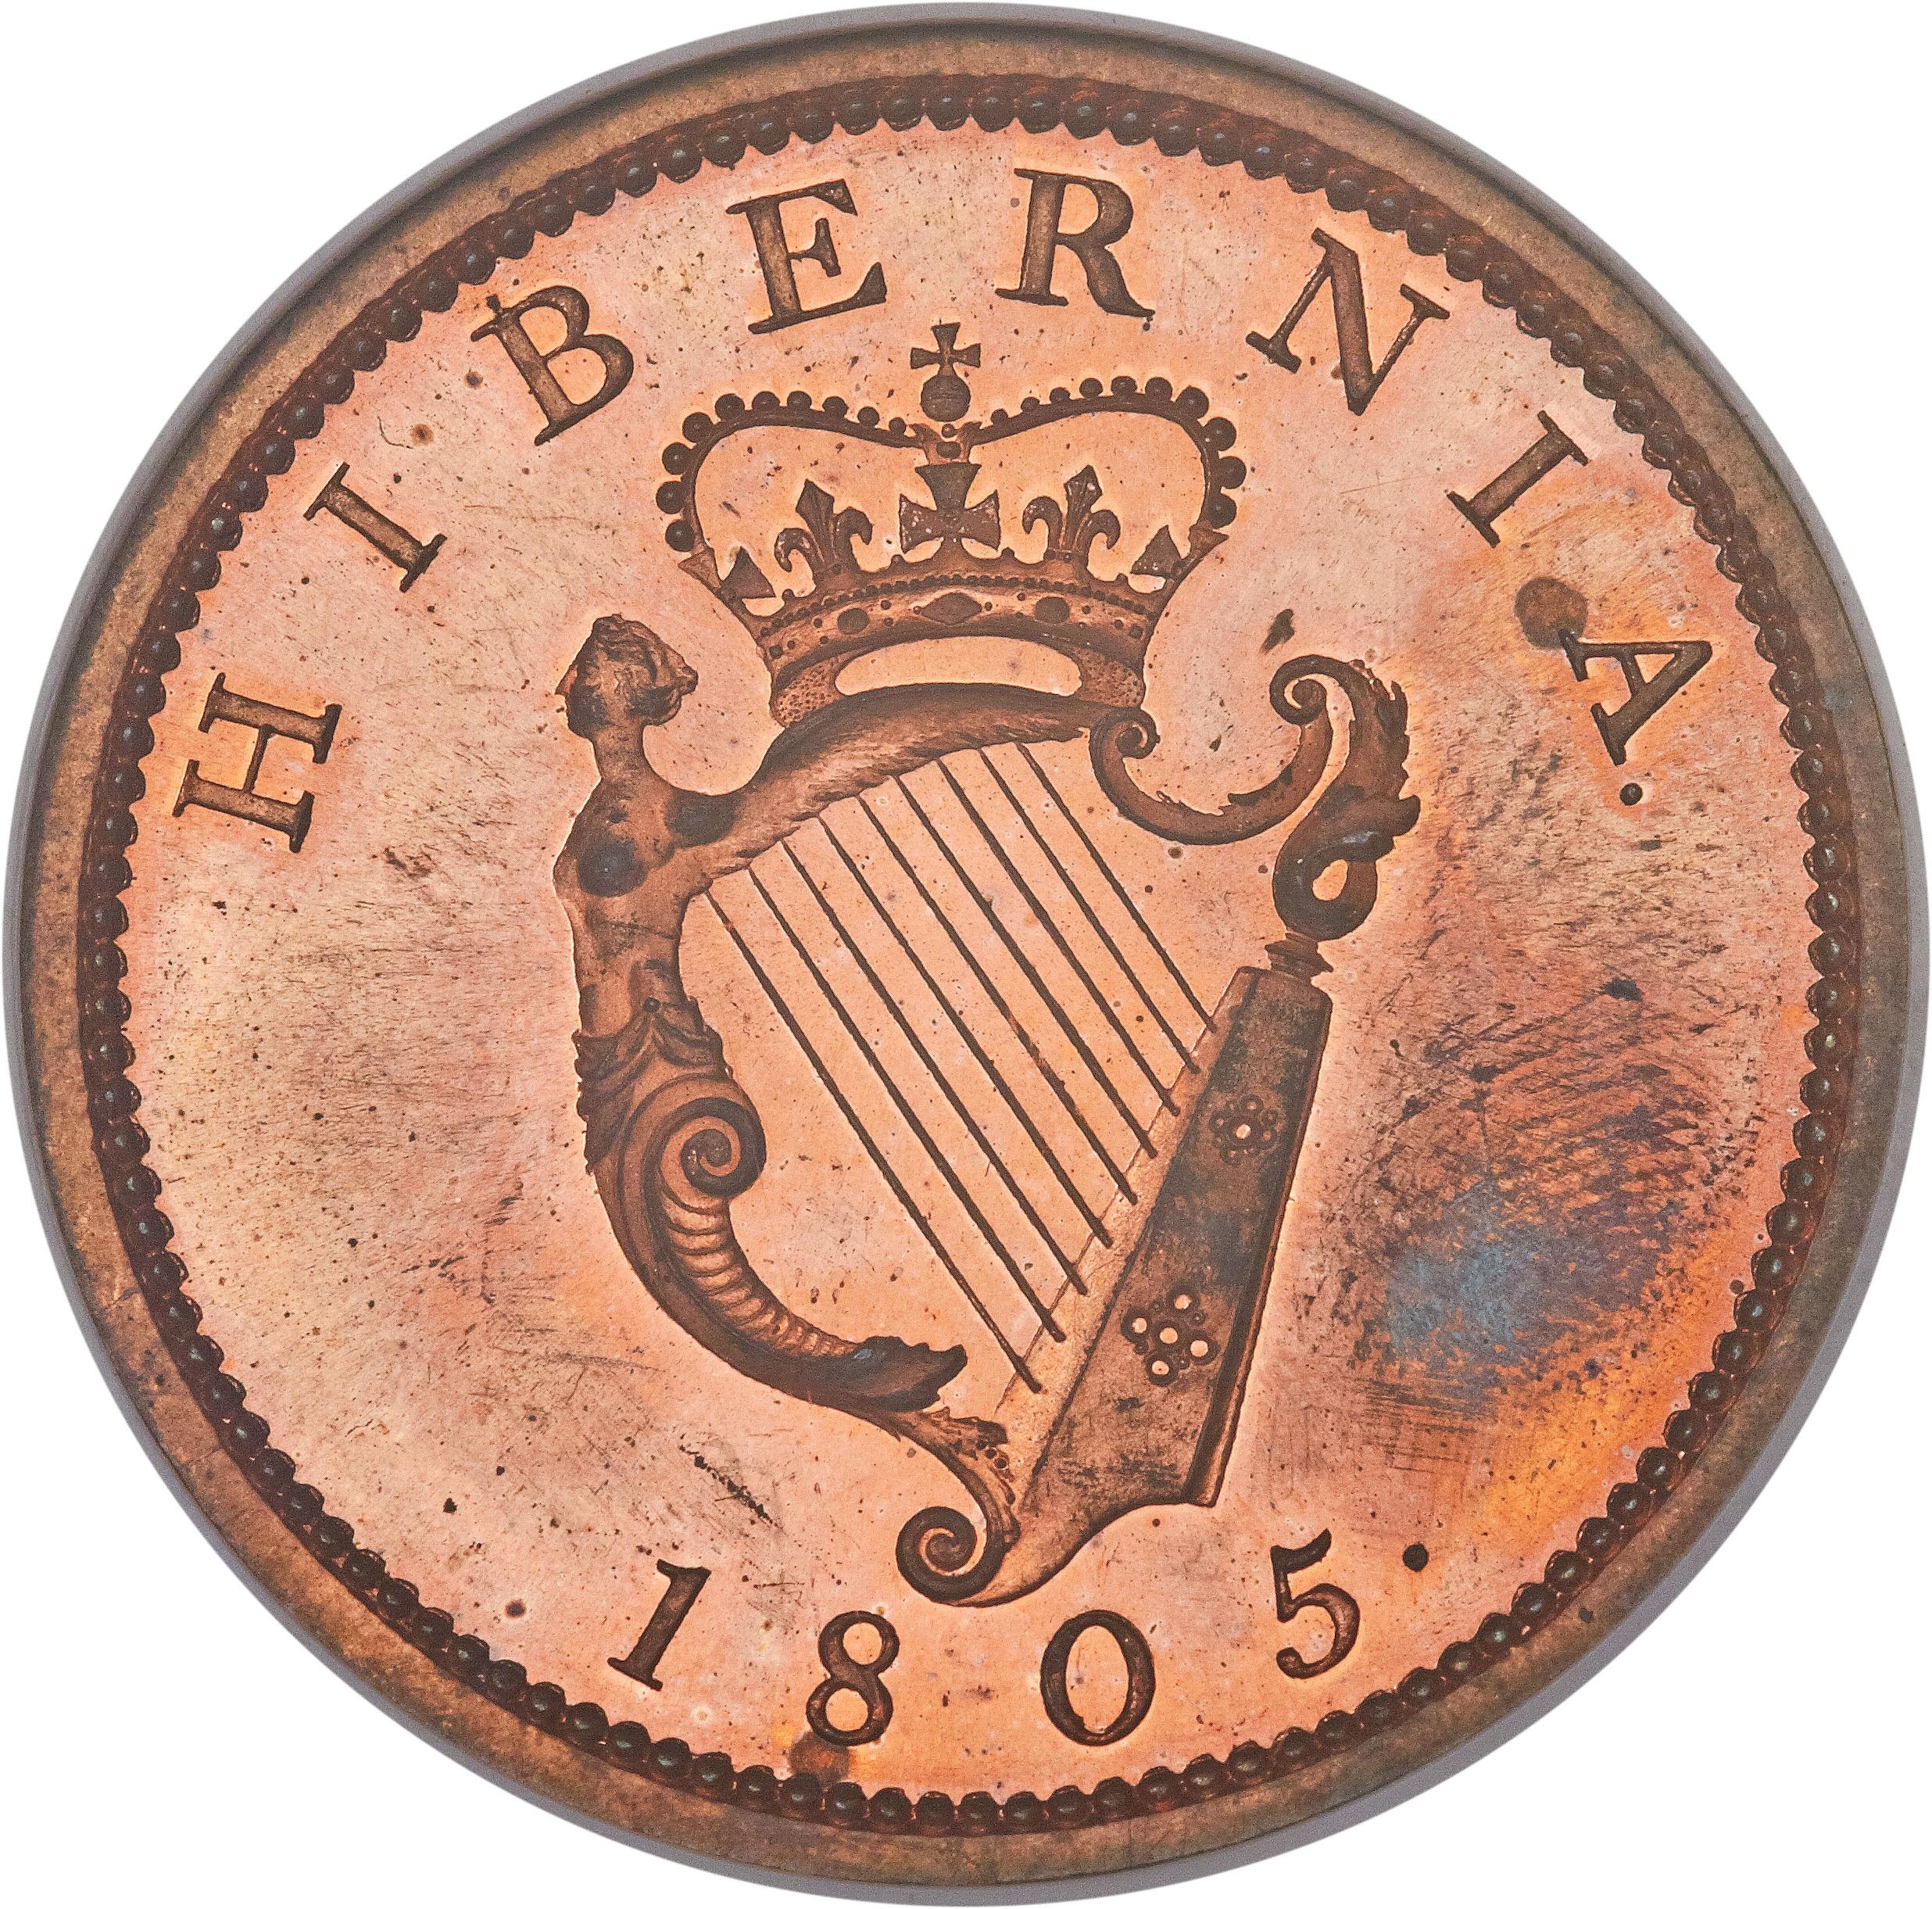 1 Penny - George III - Ireland – Numista